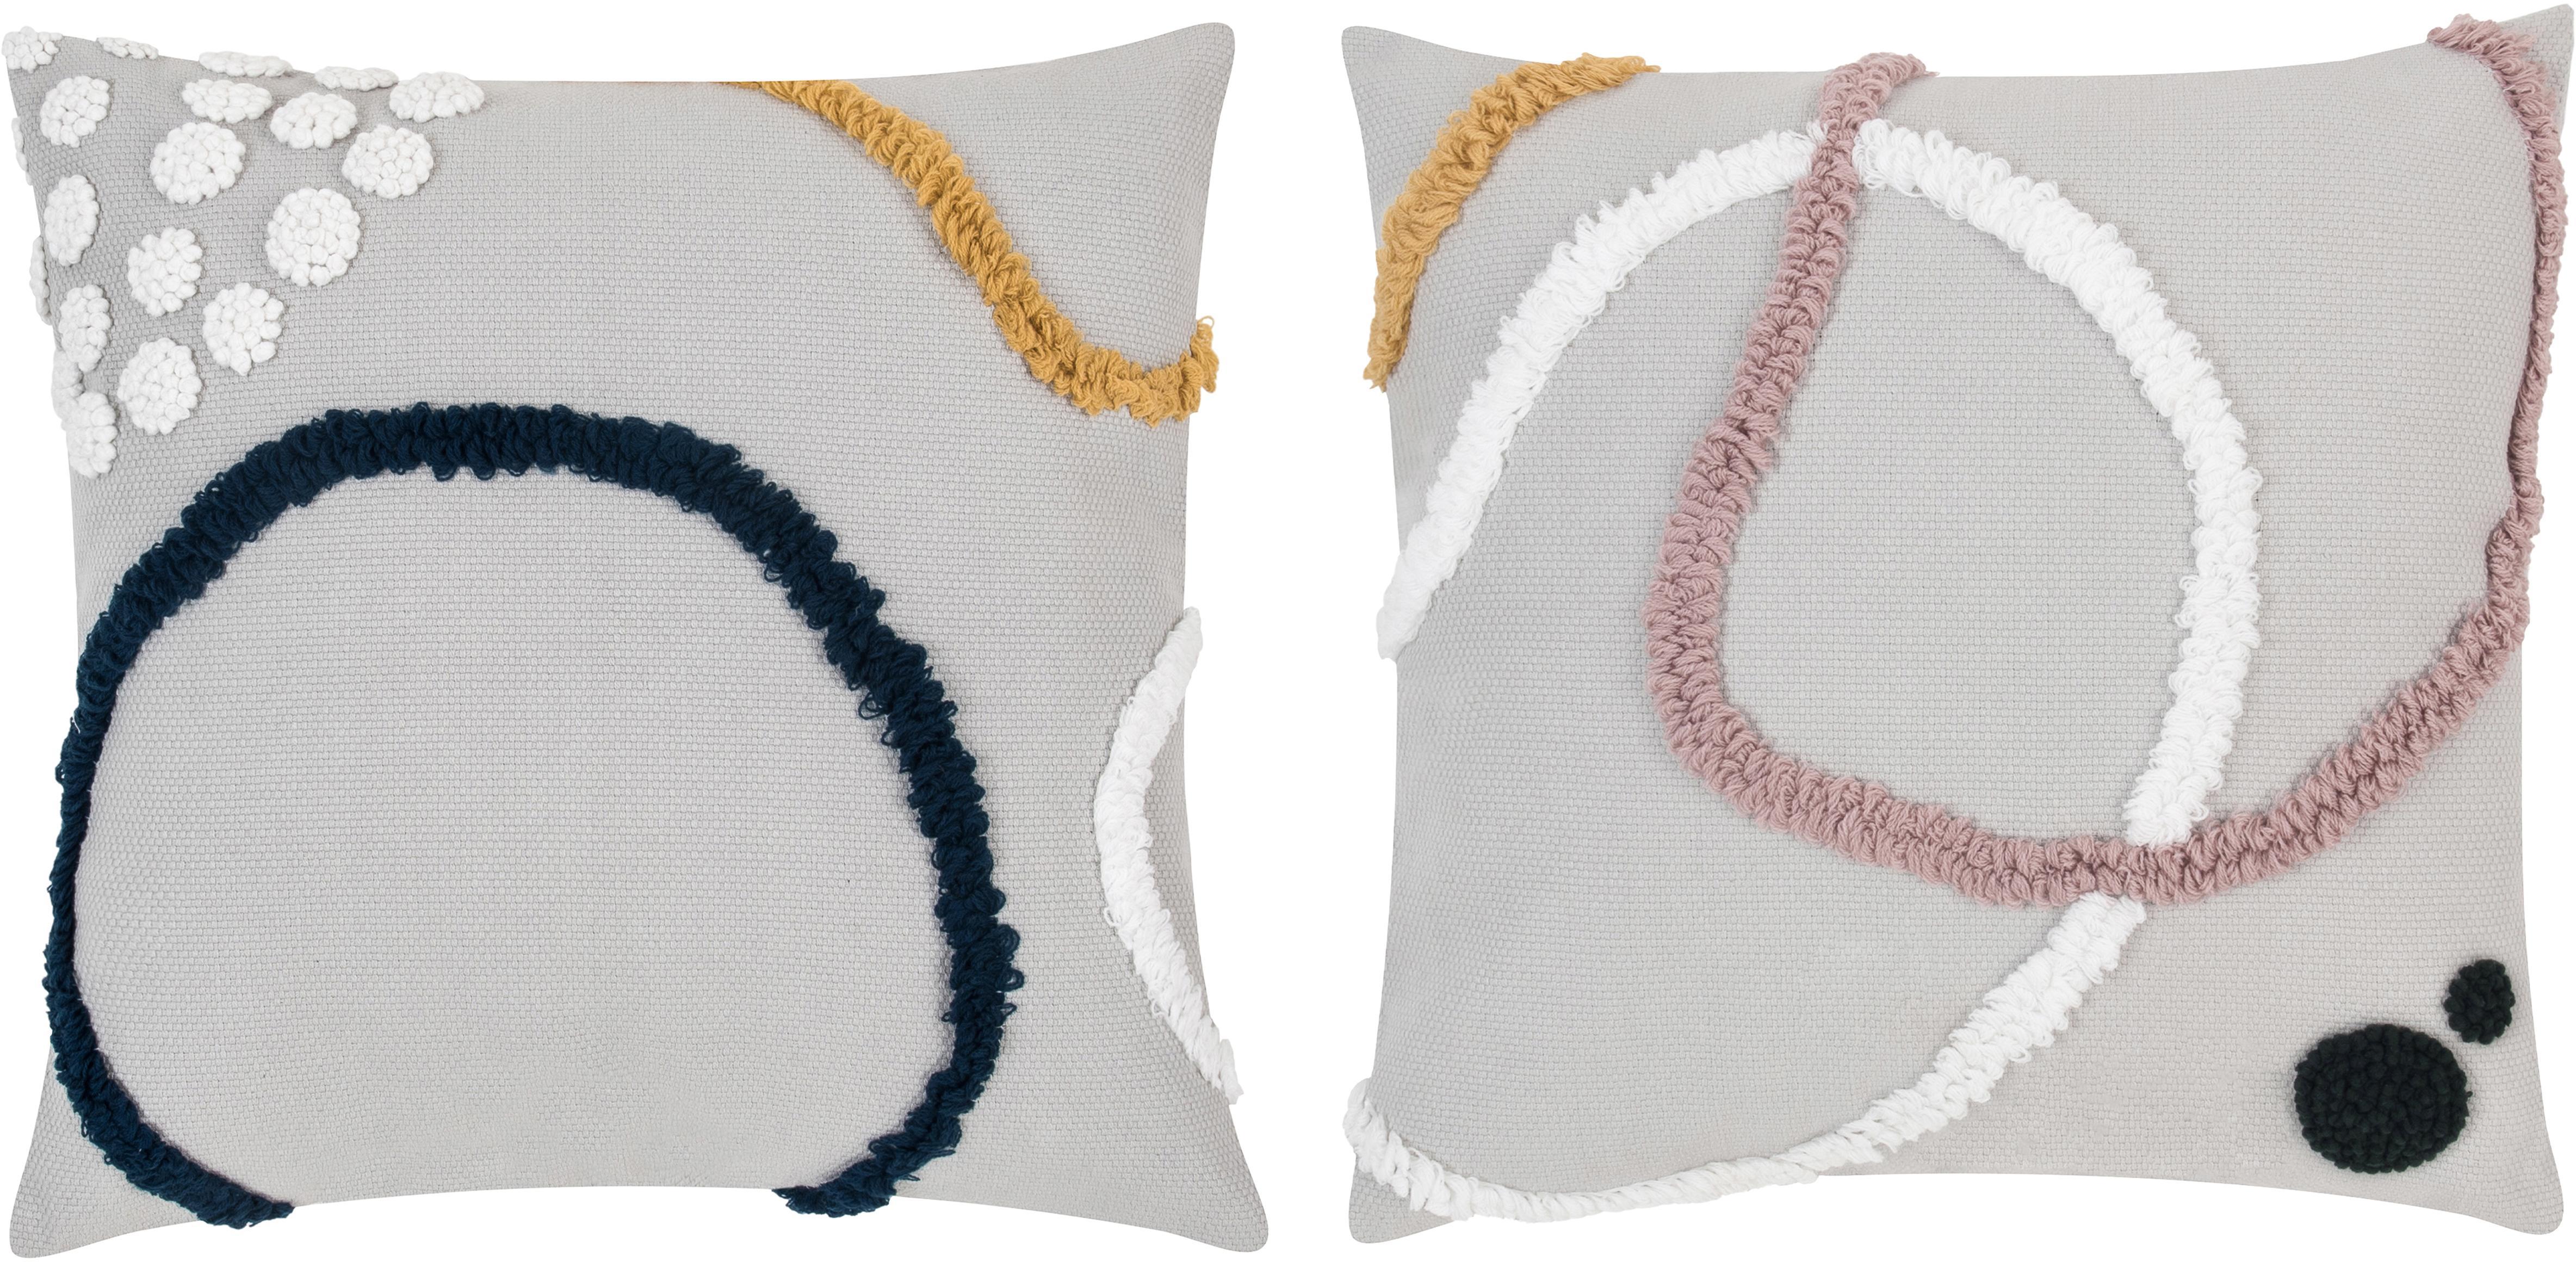 Kussenhoezenset Pablo met abstracte decoratie, 2-delig, Katoen, Voorzijde: multicolour. Achterzijde: wit, 45 x 45 cm